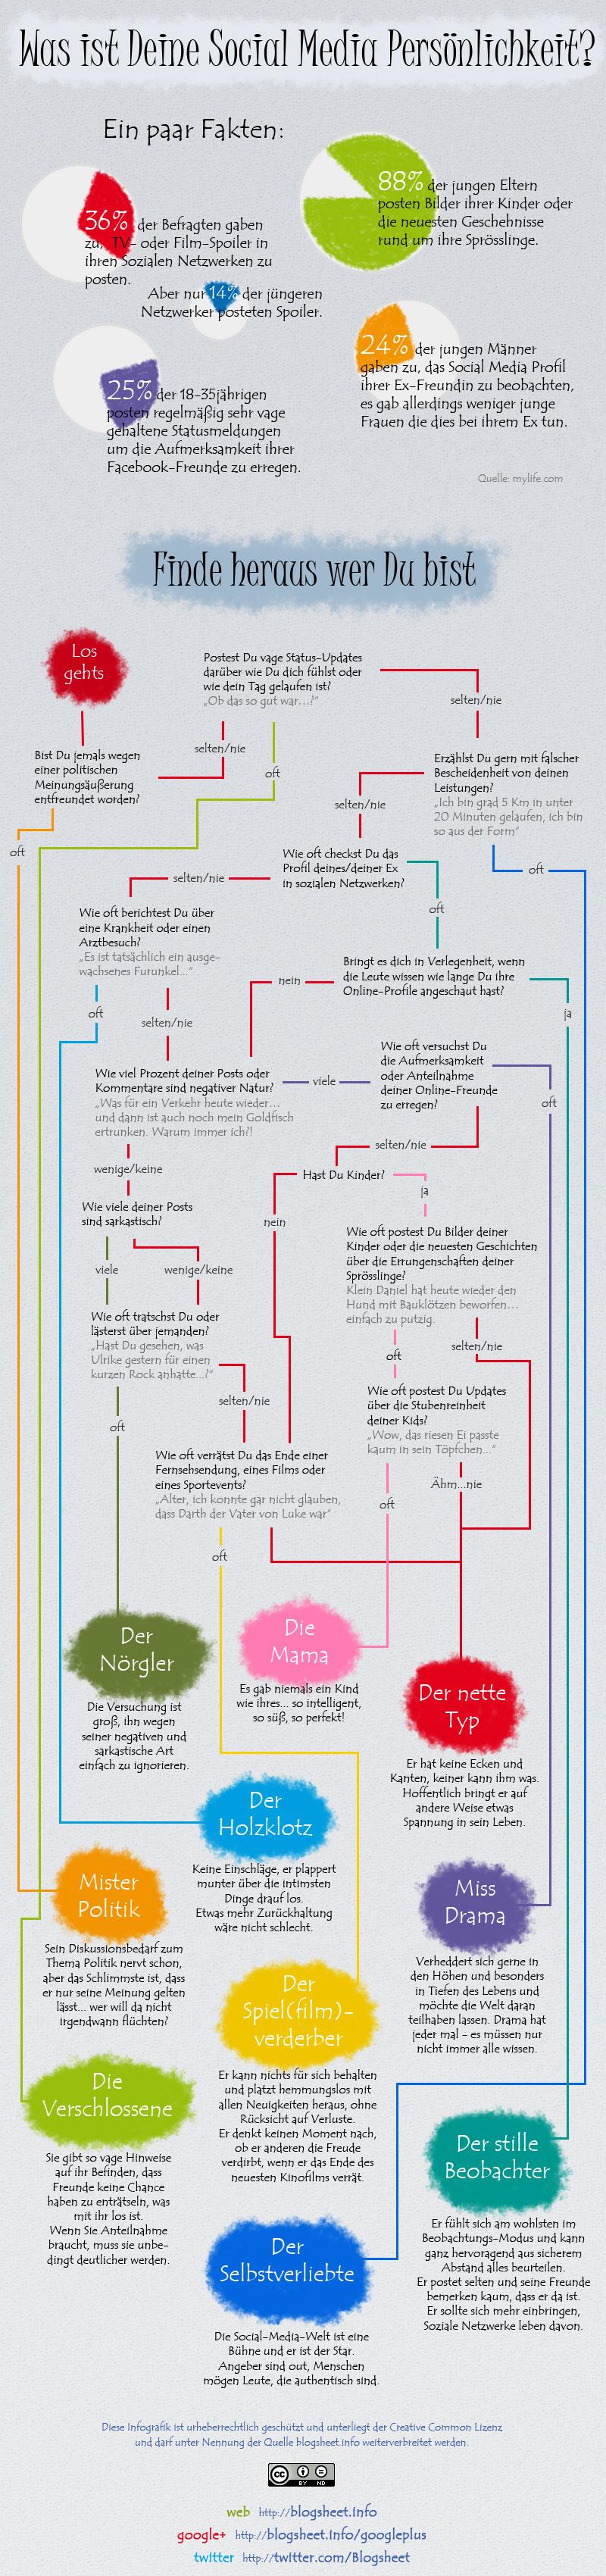 Infografik: Was ist Deine Social Media Persönlichkeit?